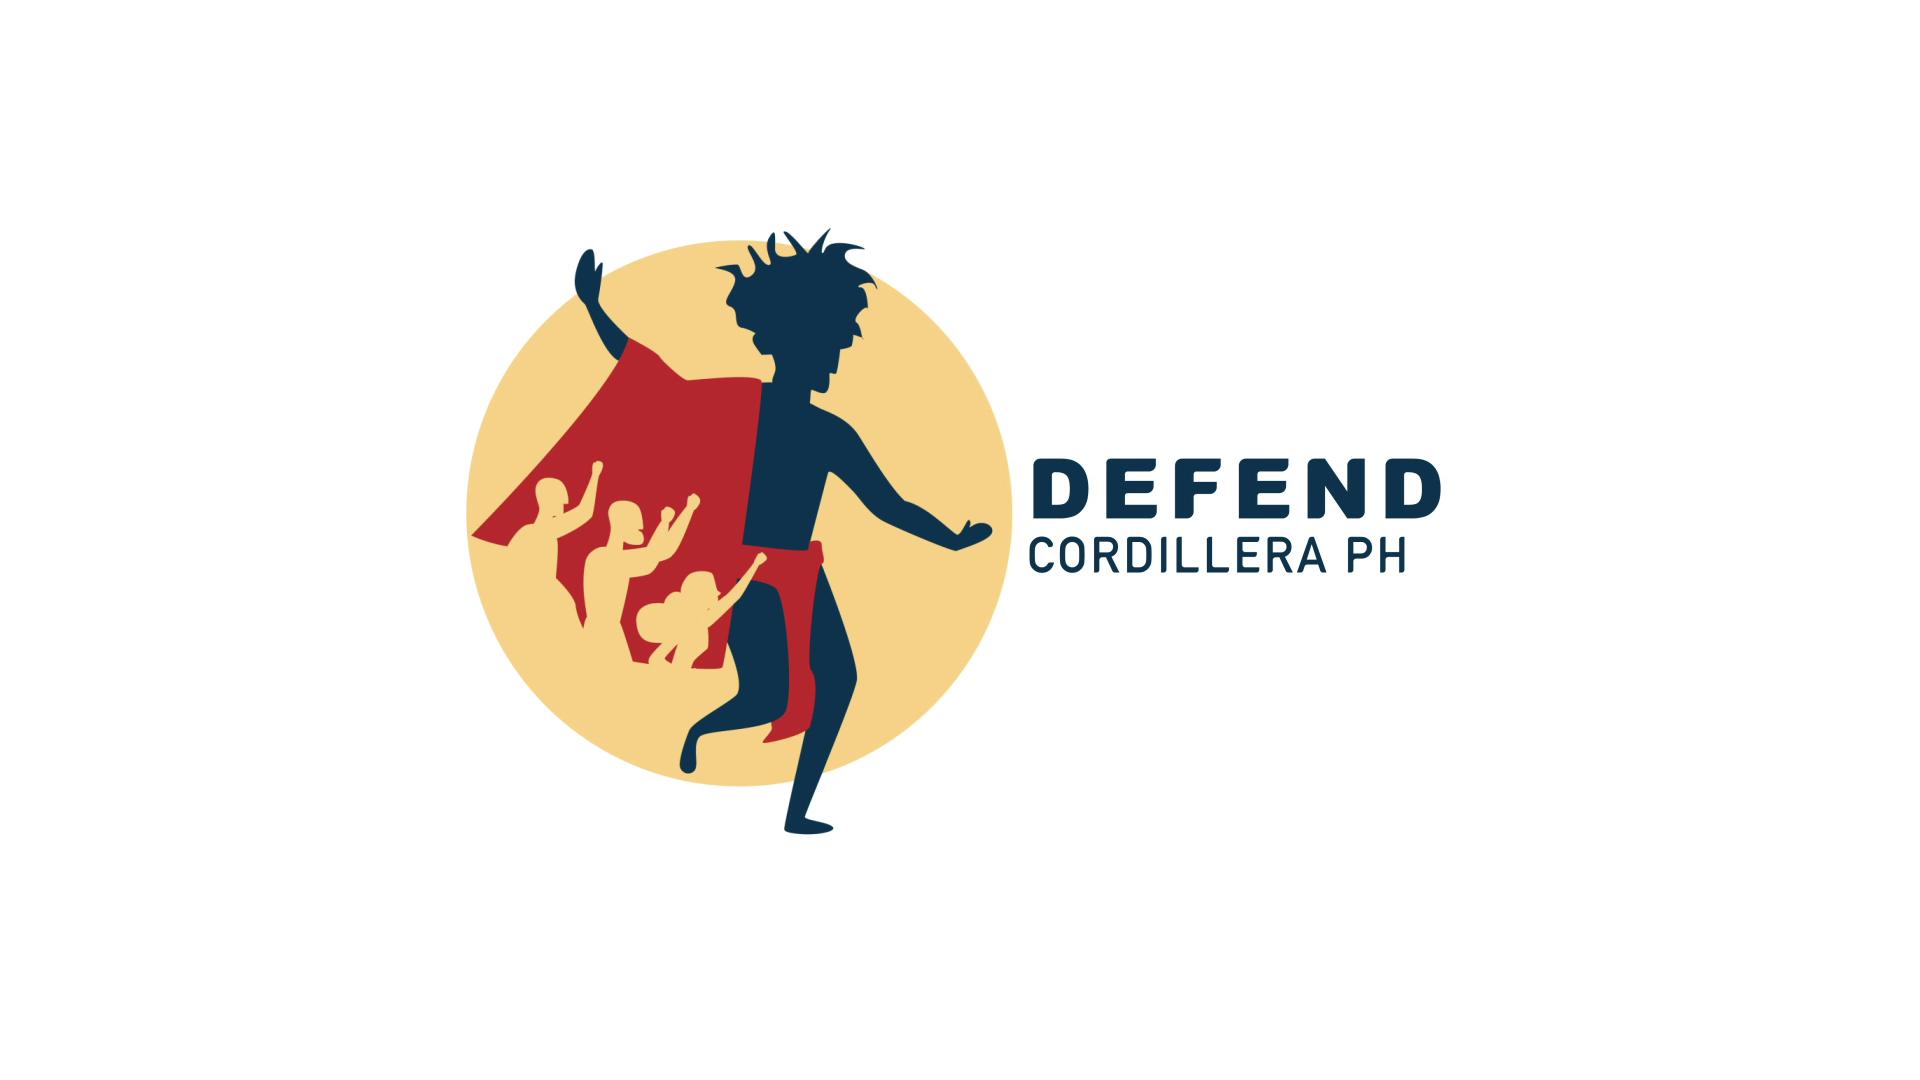 #DefendCordilleraPH